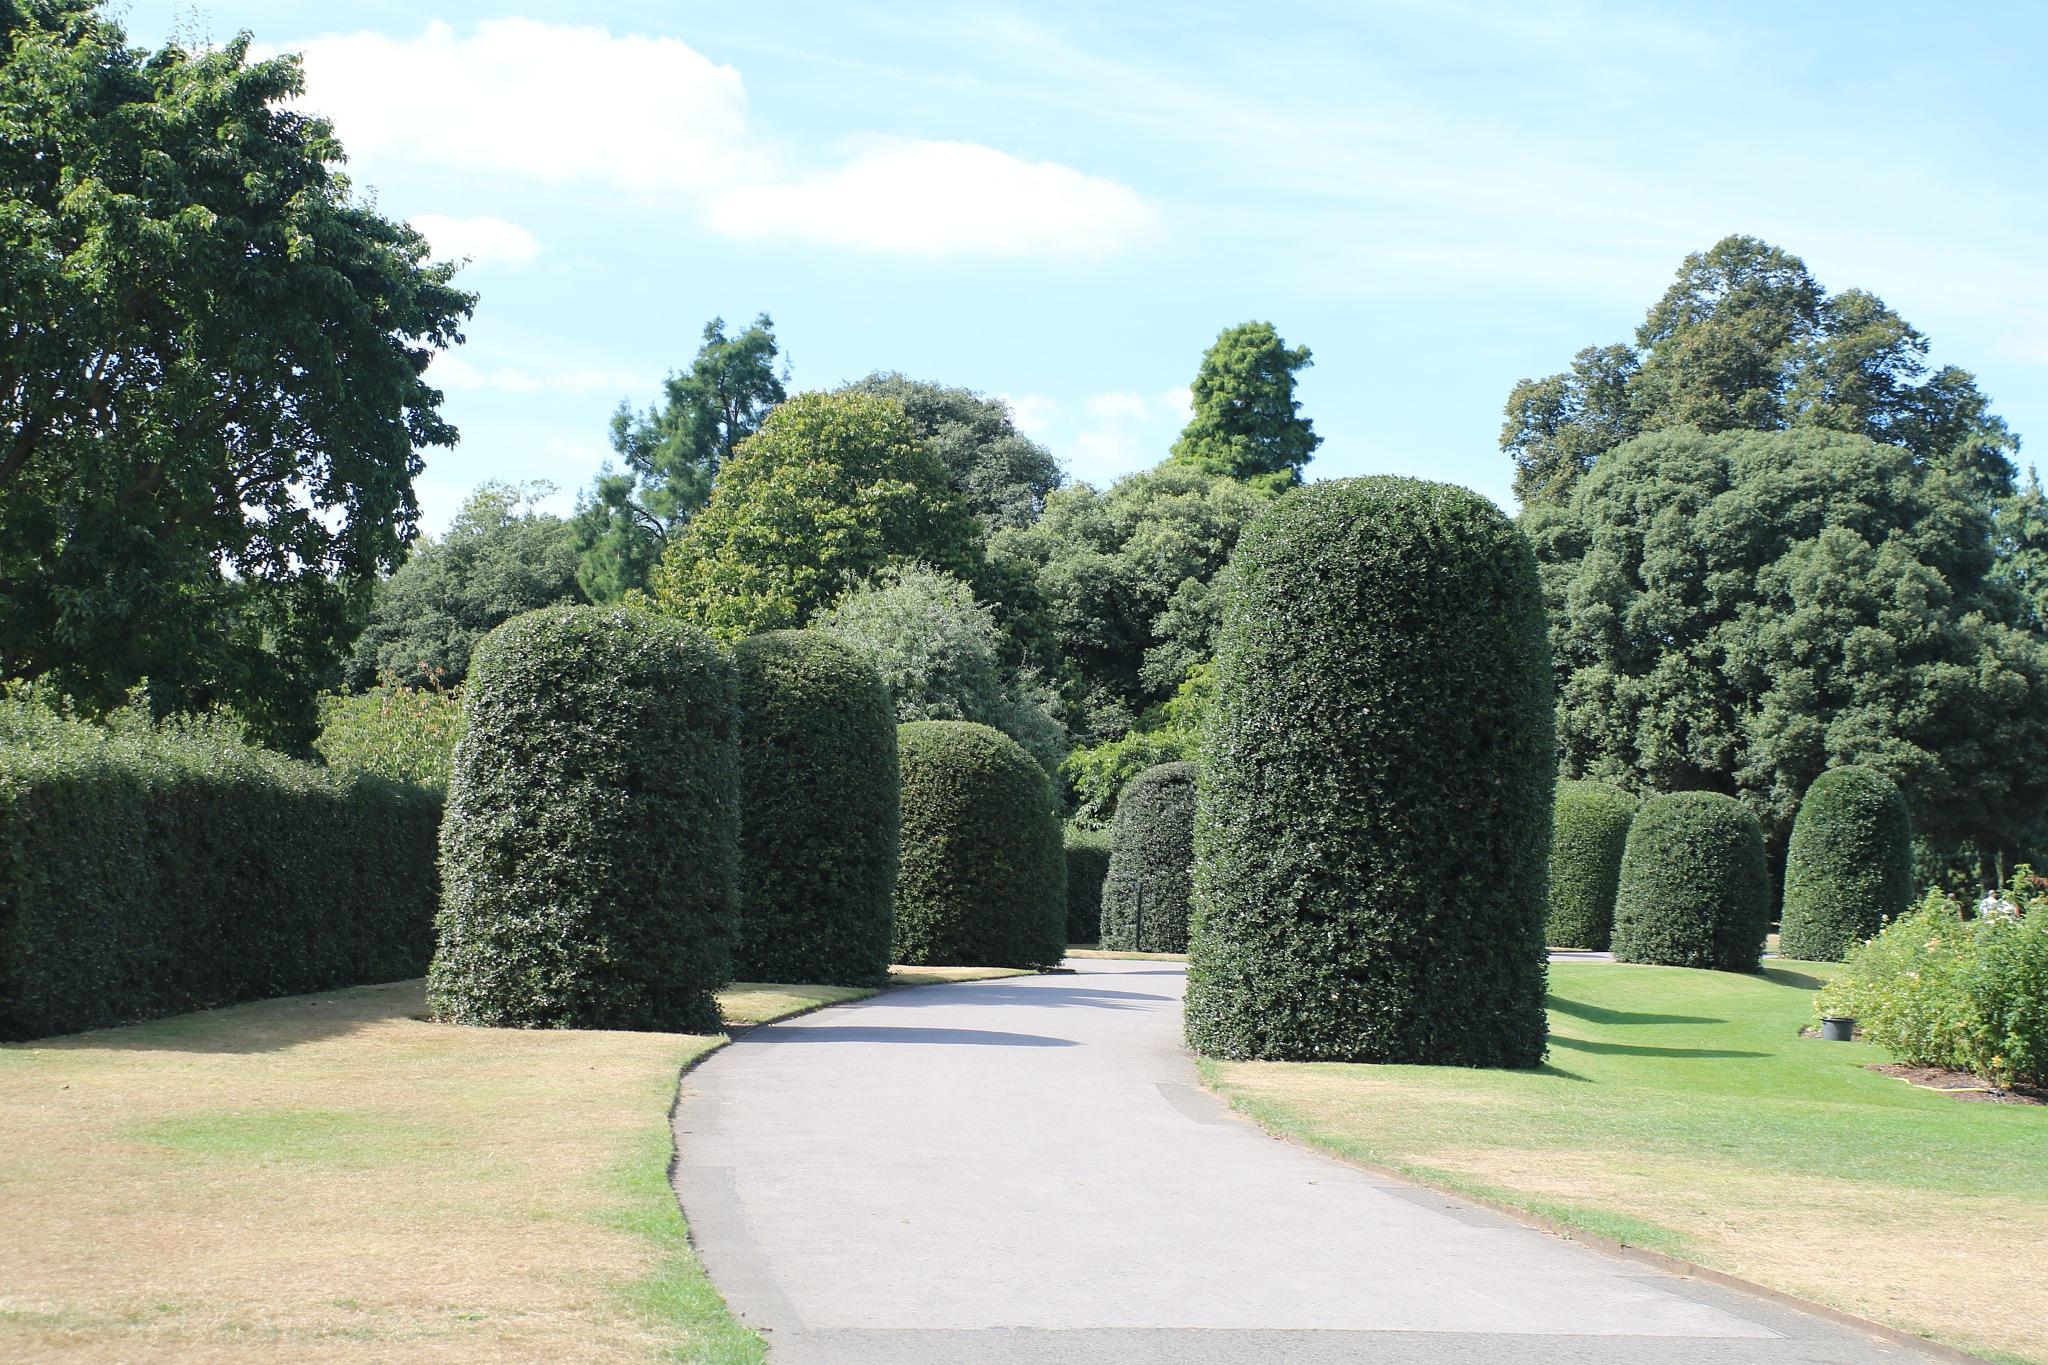 At Kew Gardens. by Mo Dessouki